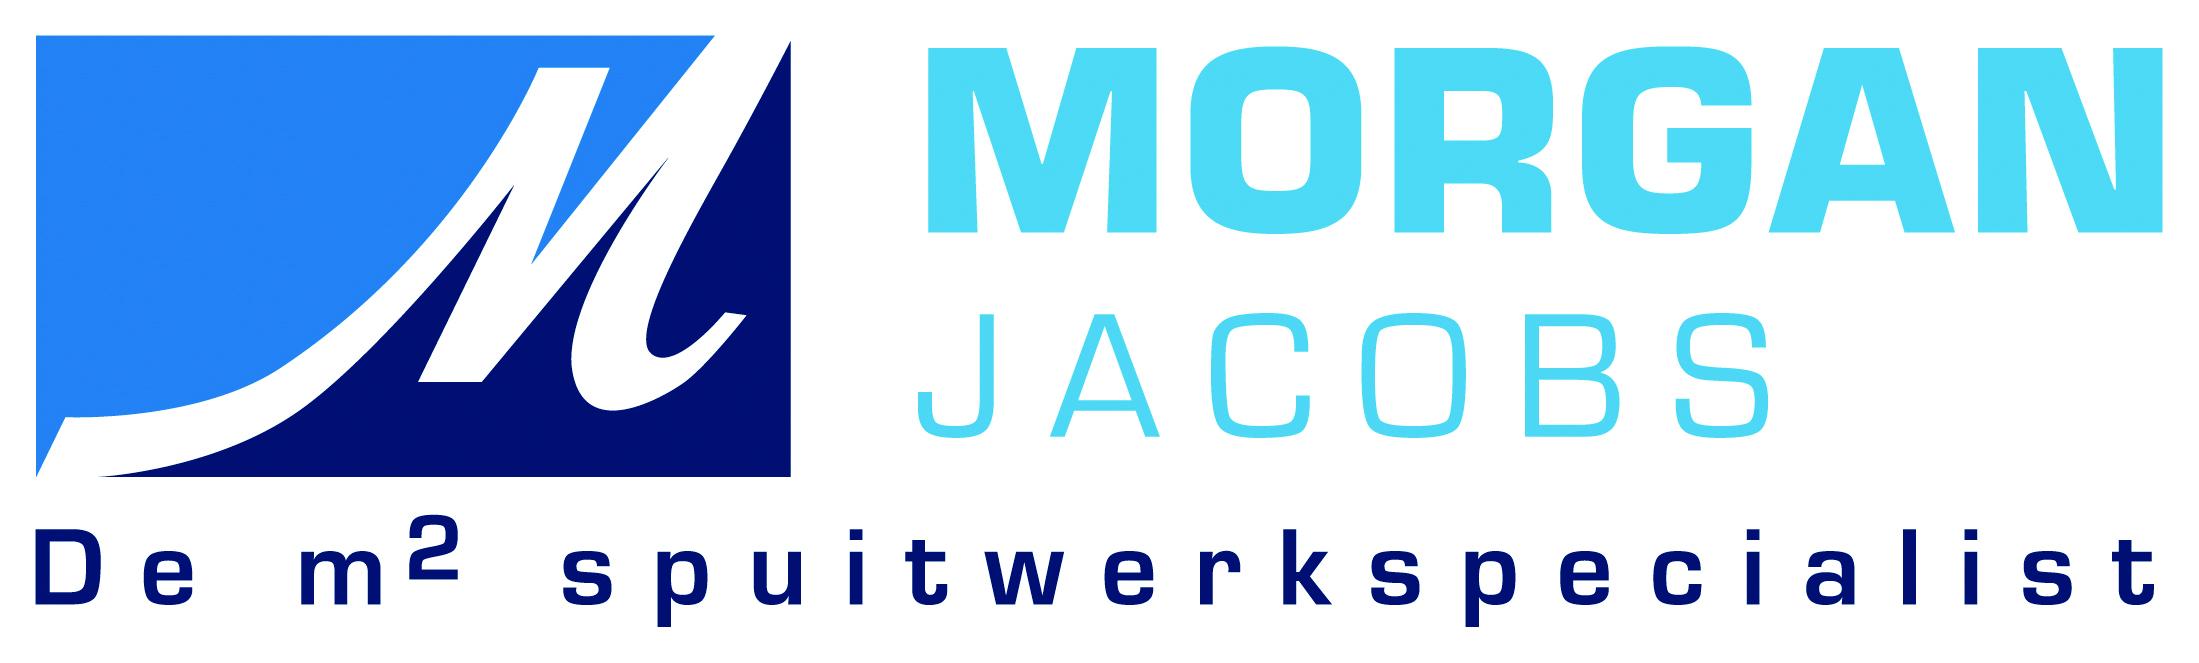 MORGAN JACOBS